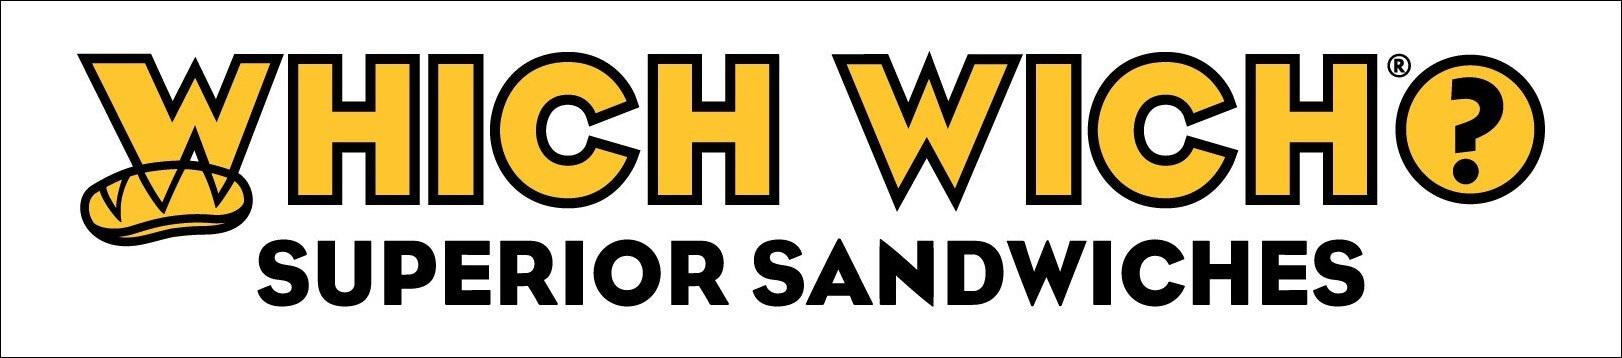 Which Wich Banner